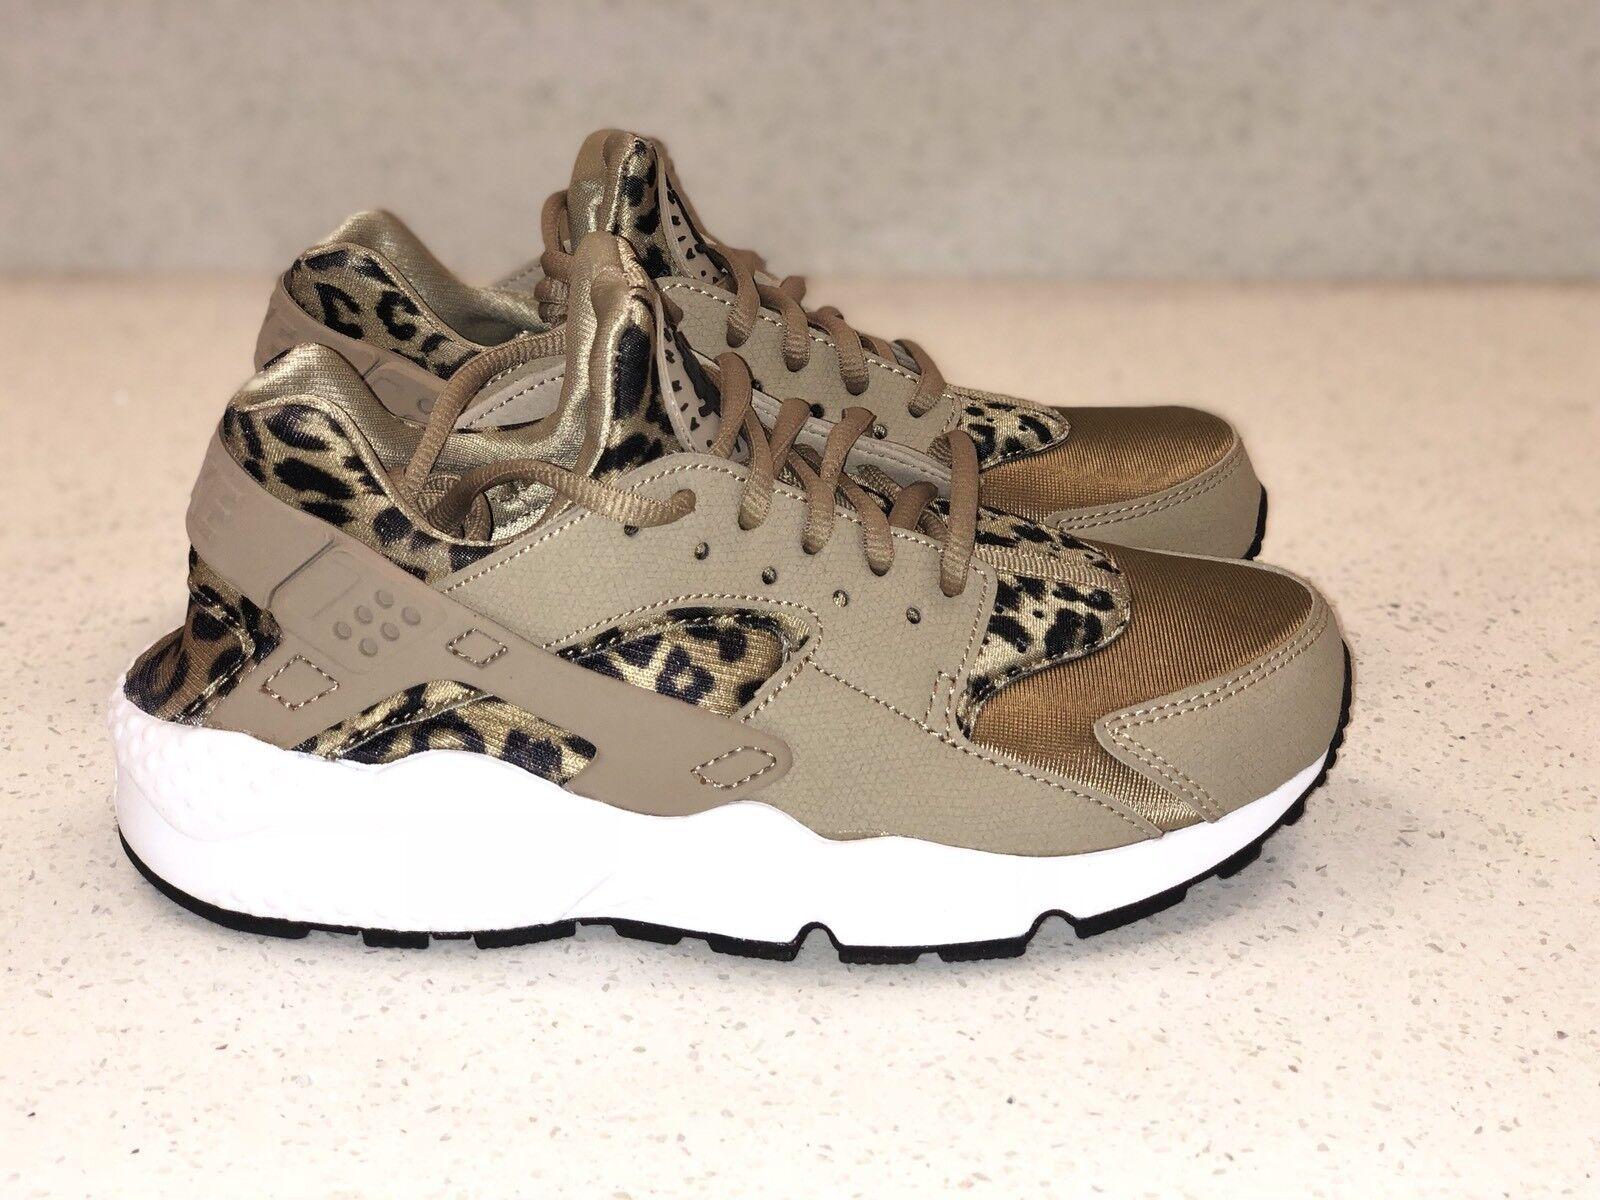 00a8b53a30cc Nike Air Huarache Run Run Run Print sz 6.5 Womens Leopard 725076-200 45d7bd